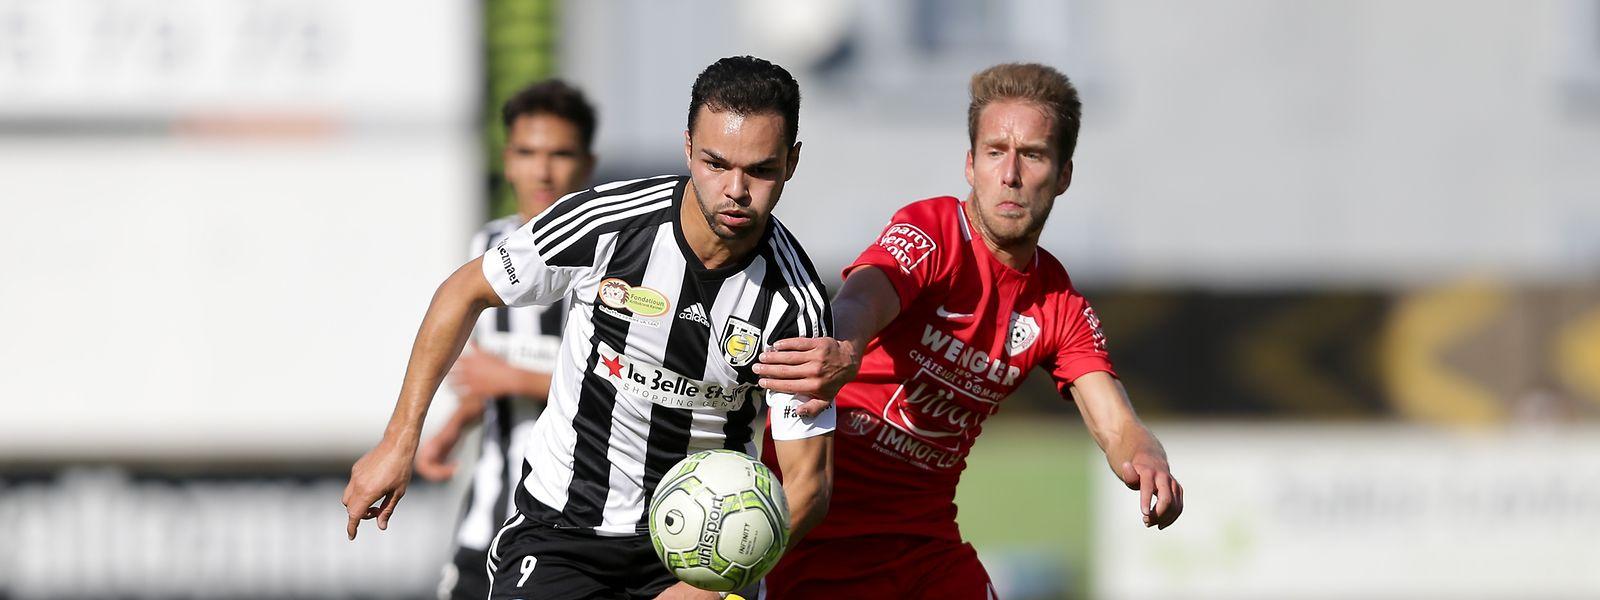 Antonio Luisi (l.), hier gegen Rosports Philippe Werdel, rettete Jeunesse immerhin noch einen Punkt.